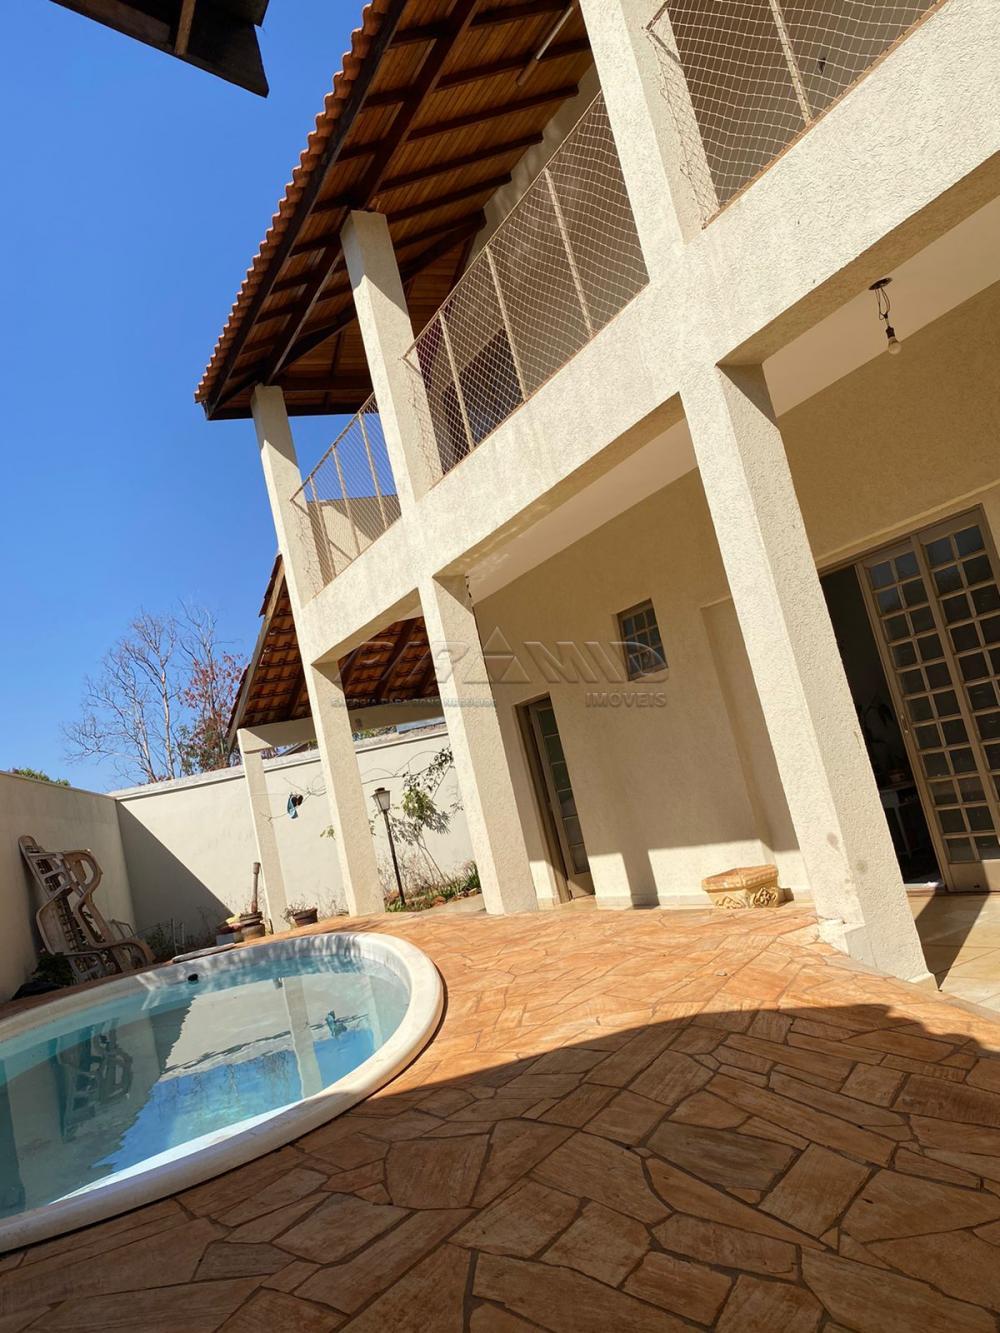 Comprar Casa / Padrão em Ribeirão Preto R$ 900.000,00 - Foto 26